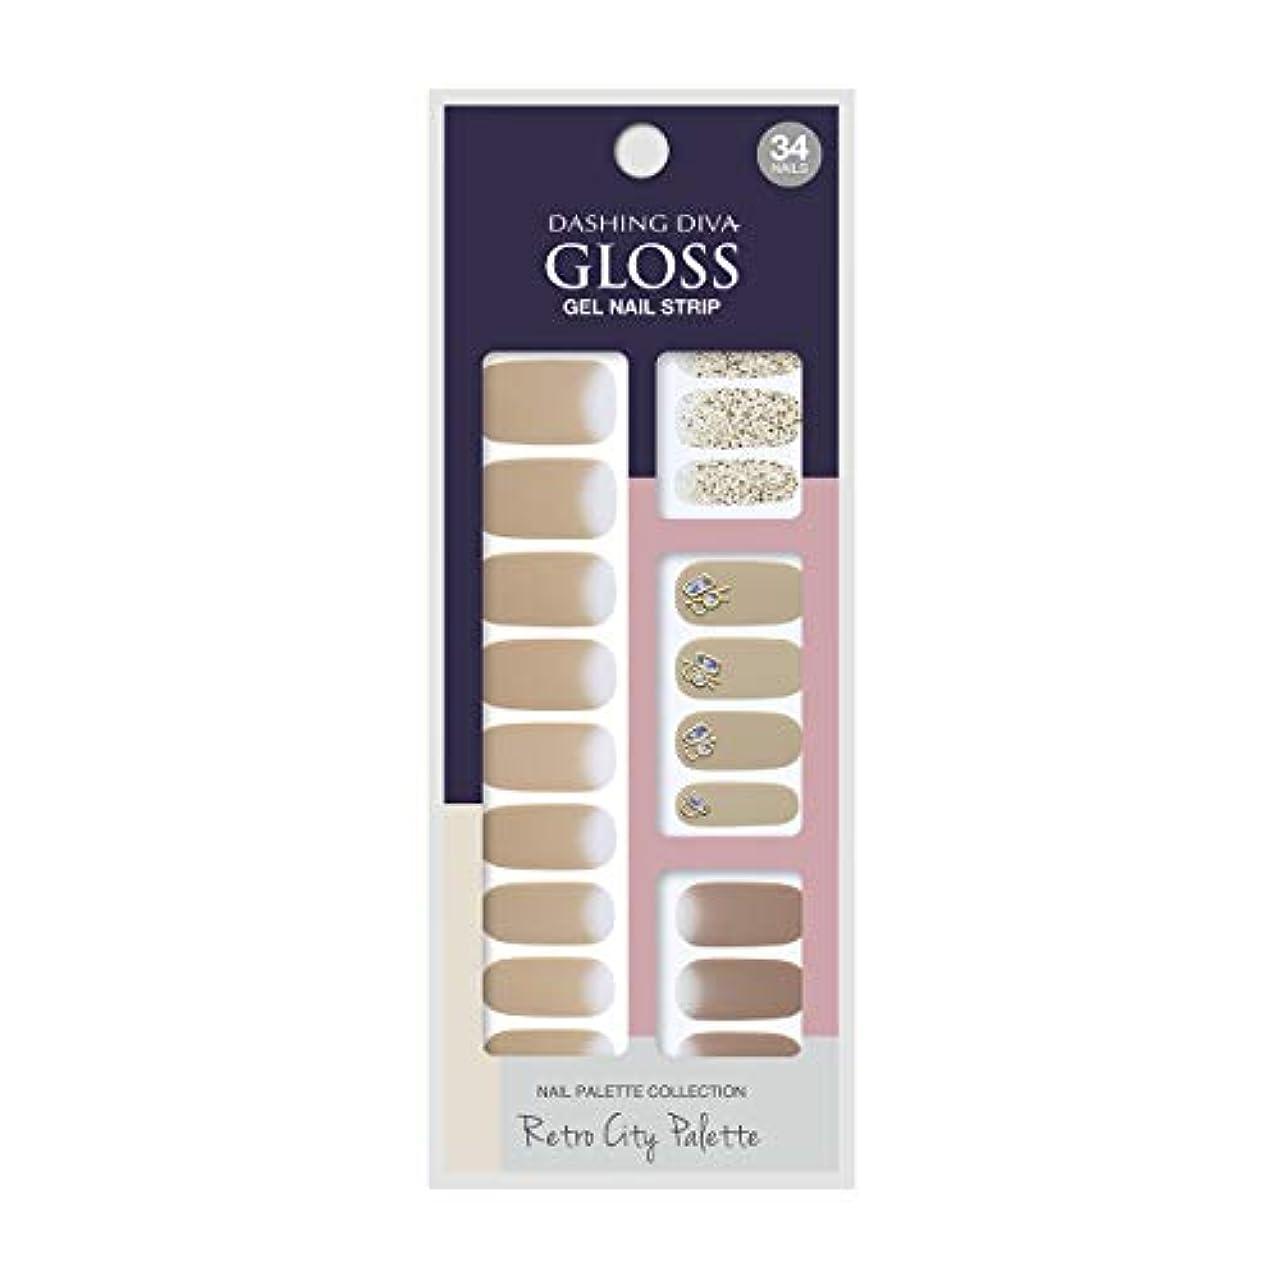 までゴミ統計ダッシングディバ グロスジェル ネイルストリップ DASHING DIVA Gloss Gel Nail Strip GVP83 -DURY+ オリジナルジェル ネイルシール Yesterday